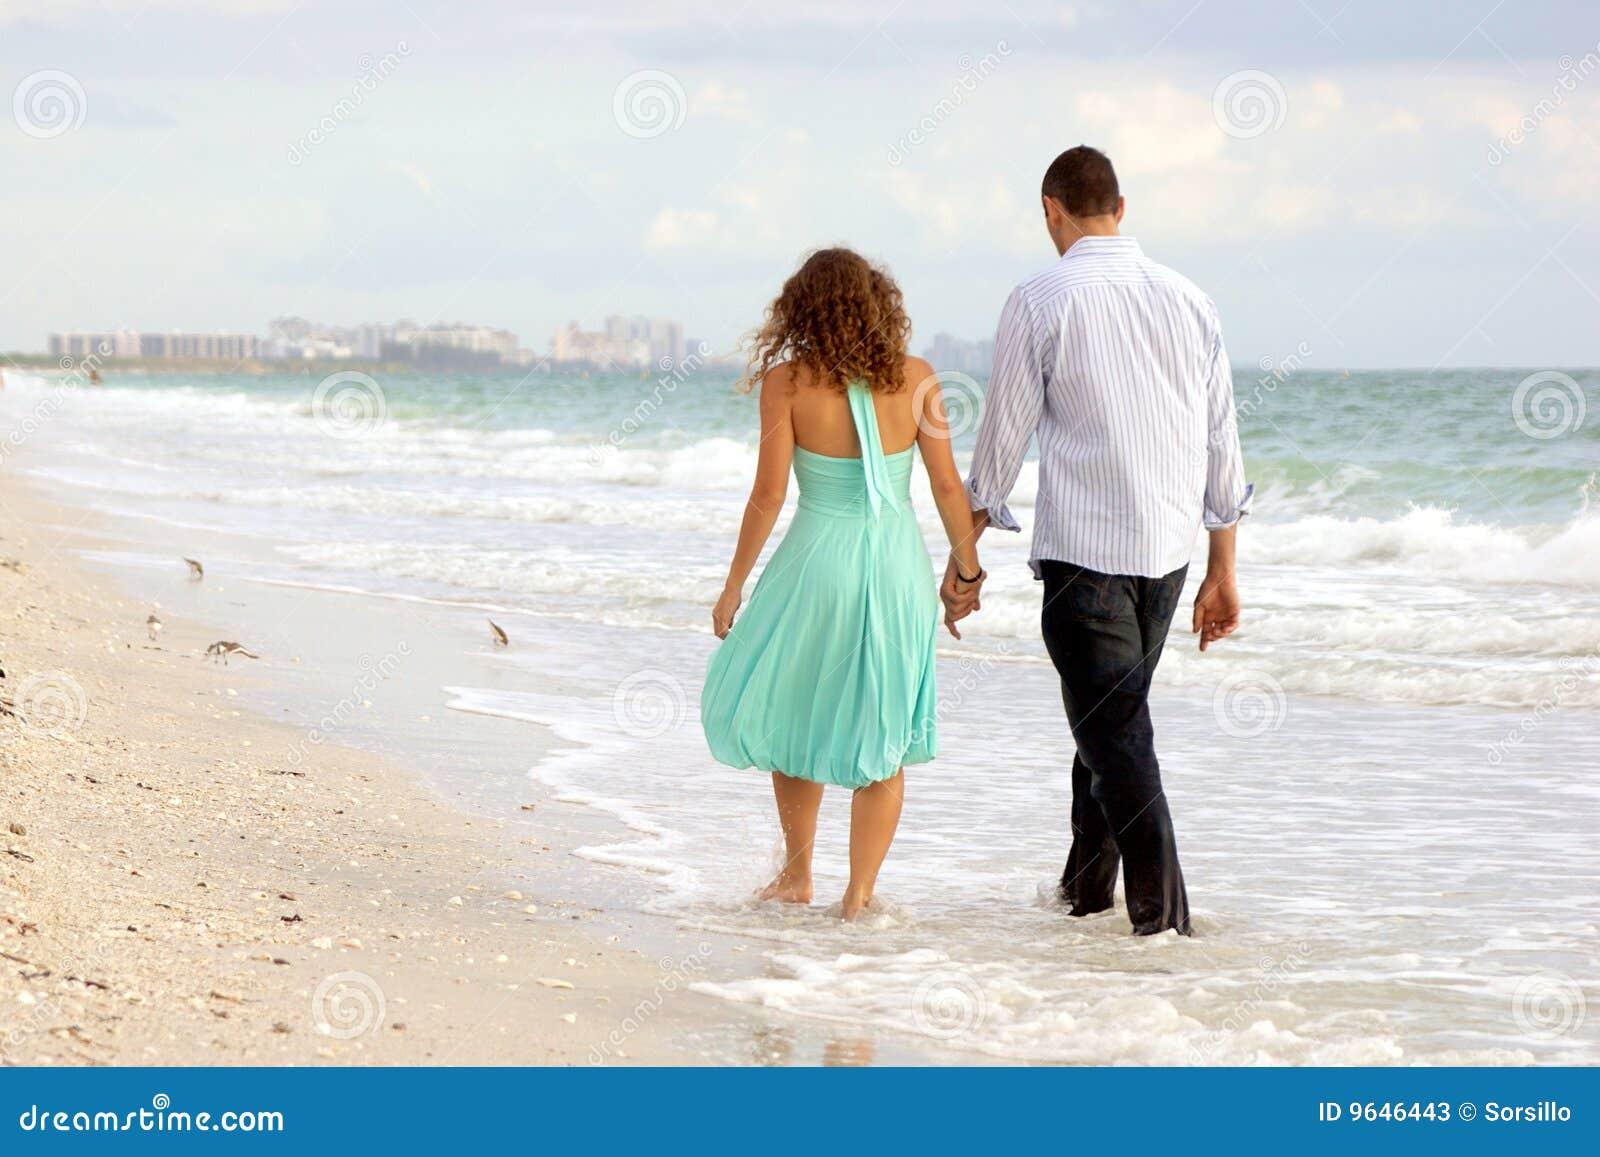 junge paare die hand in hand auf das strand thi gehen stockbild bild von attraktiv. Black Bedroom Furniture Sets. Home Design Ideas